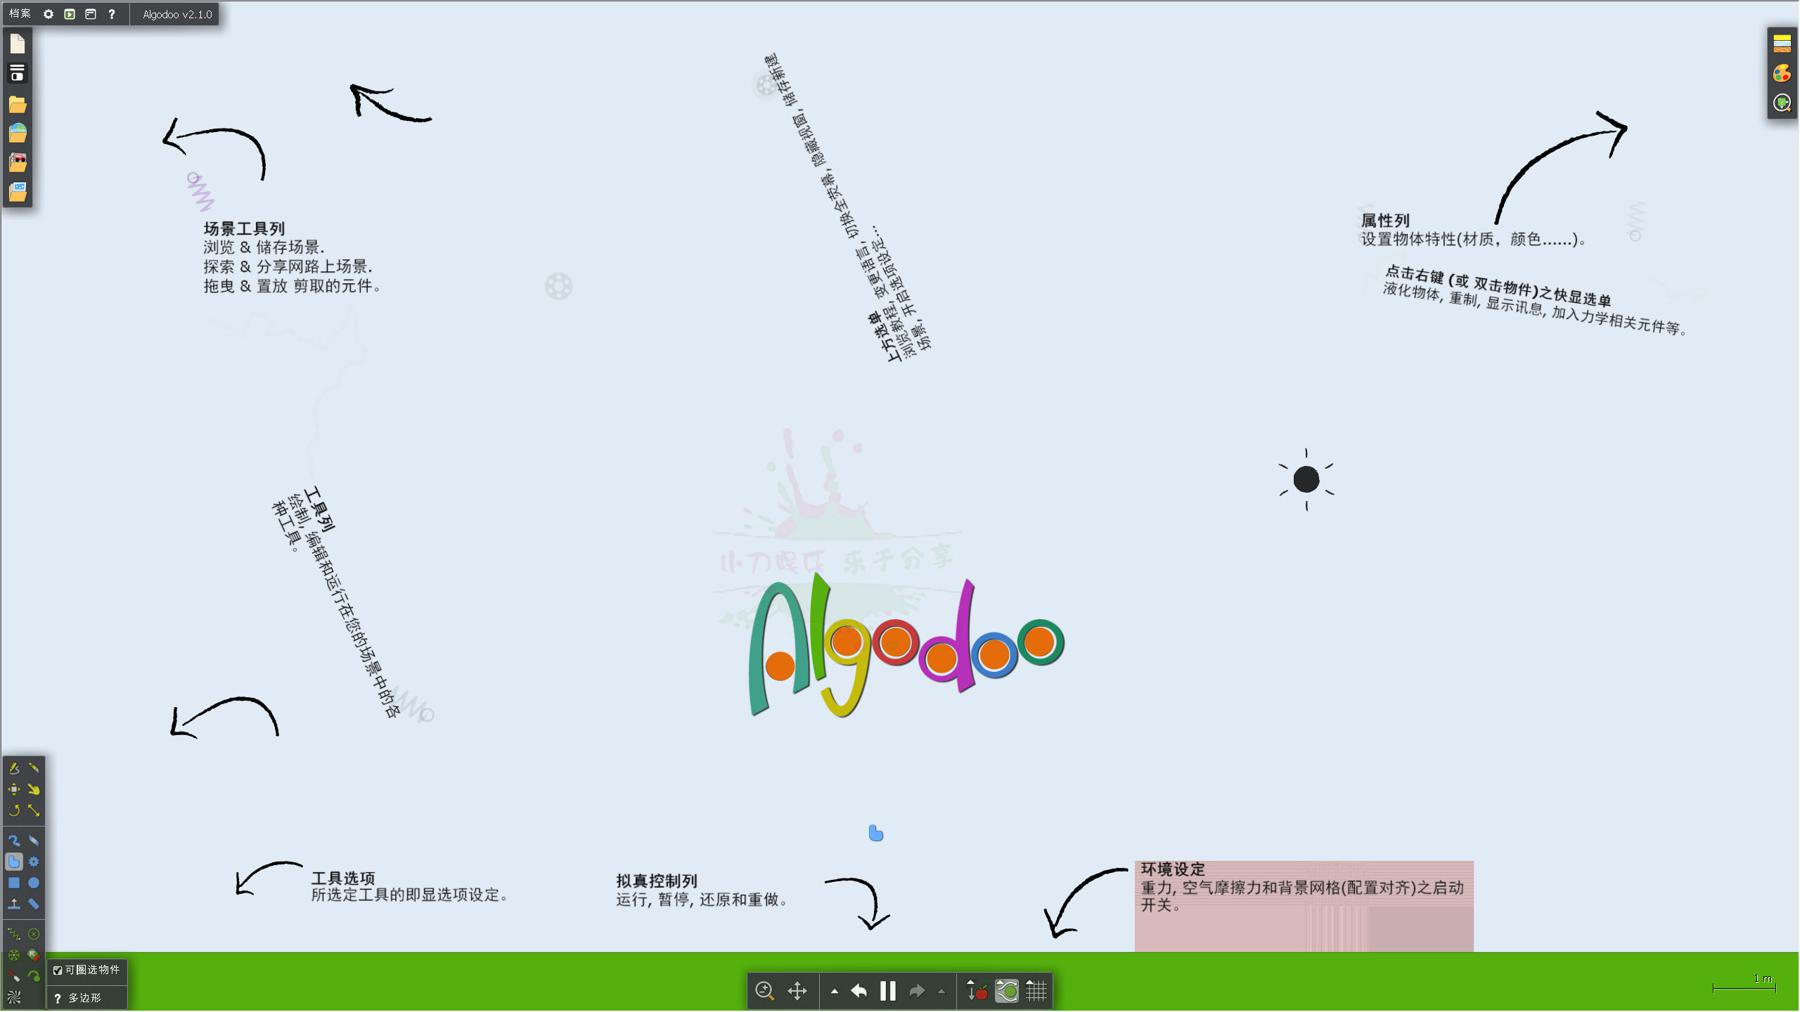 物理实验软件Algodoo中文版